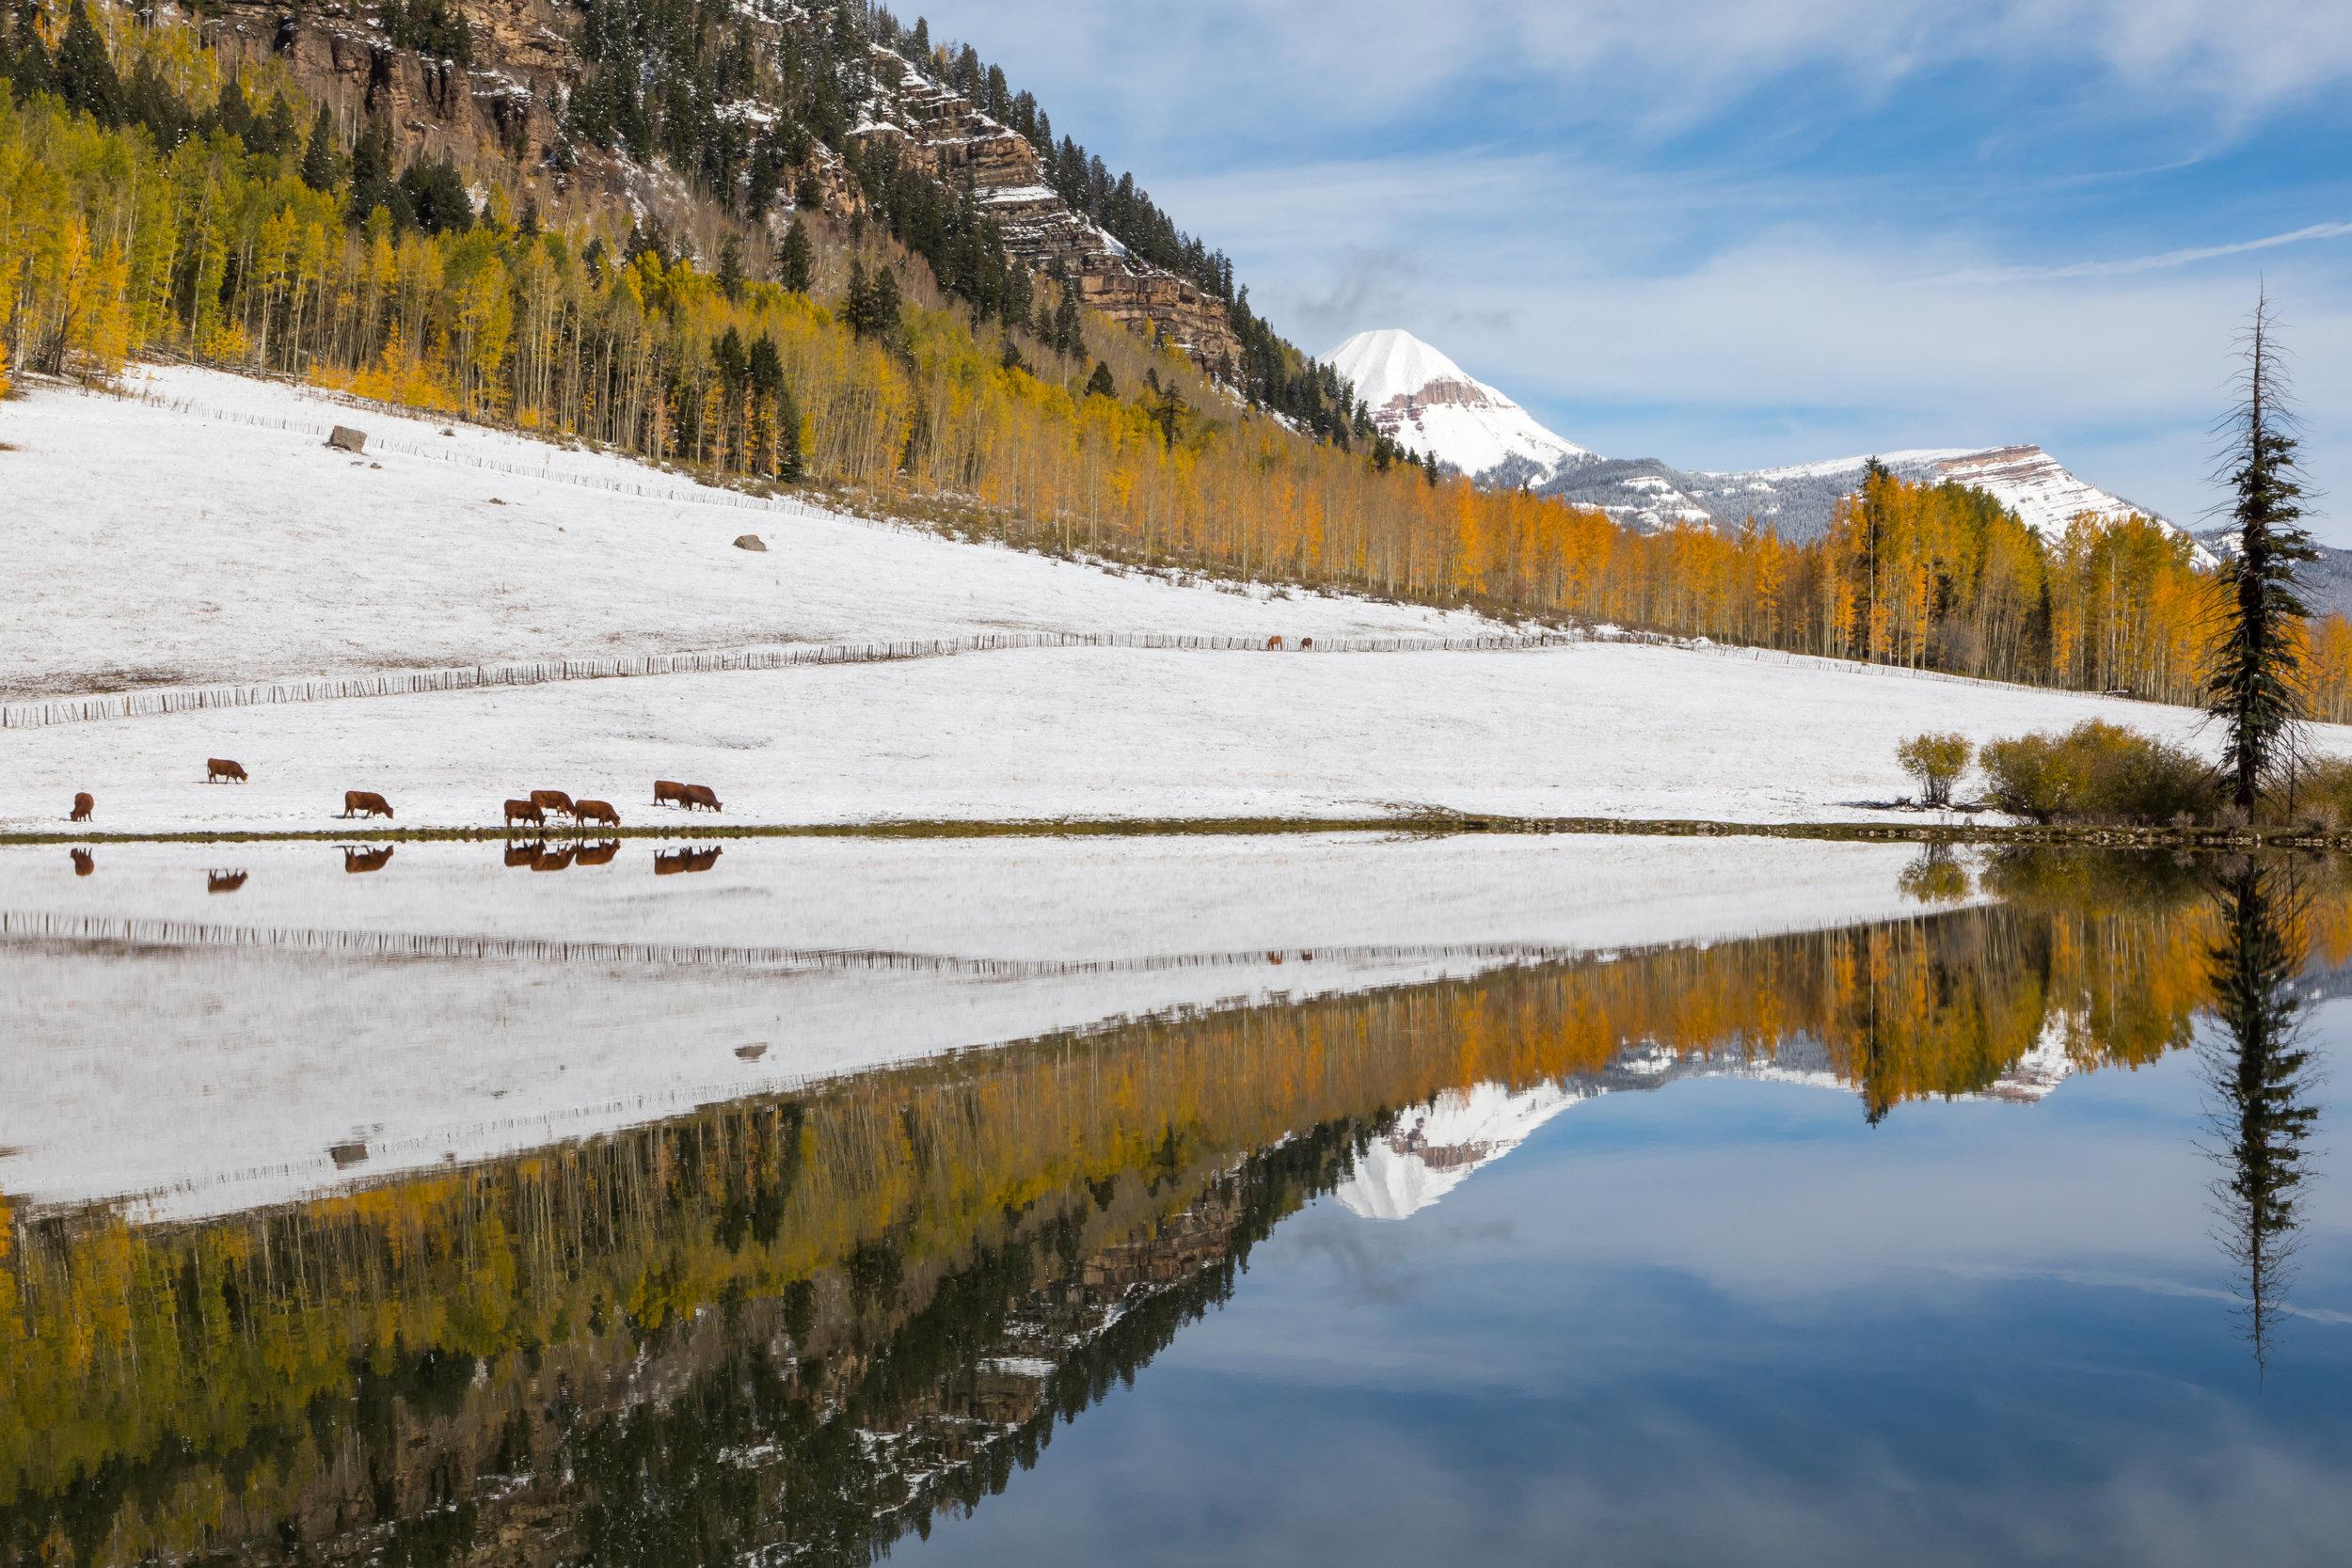 Hotter Pond, Image # 9817